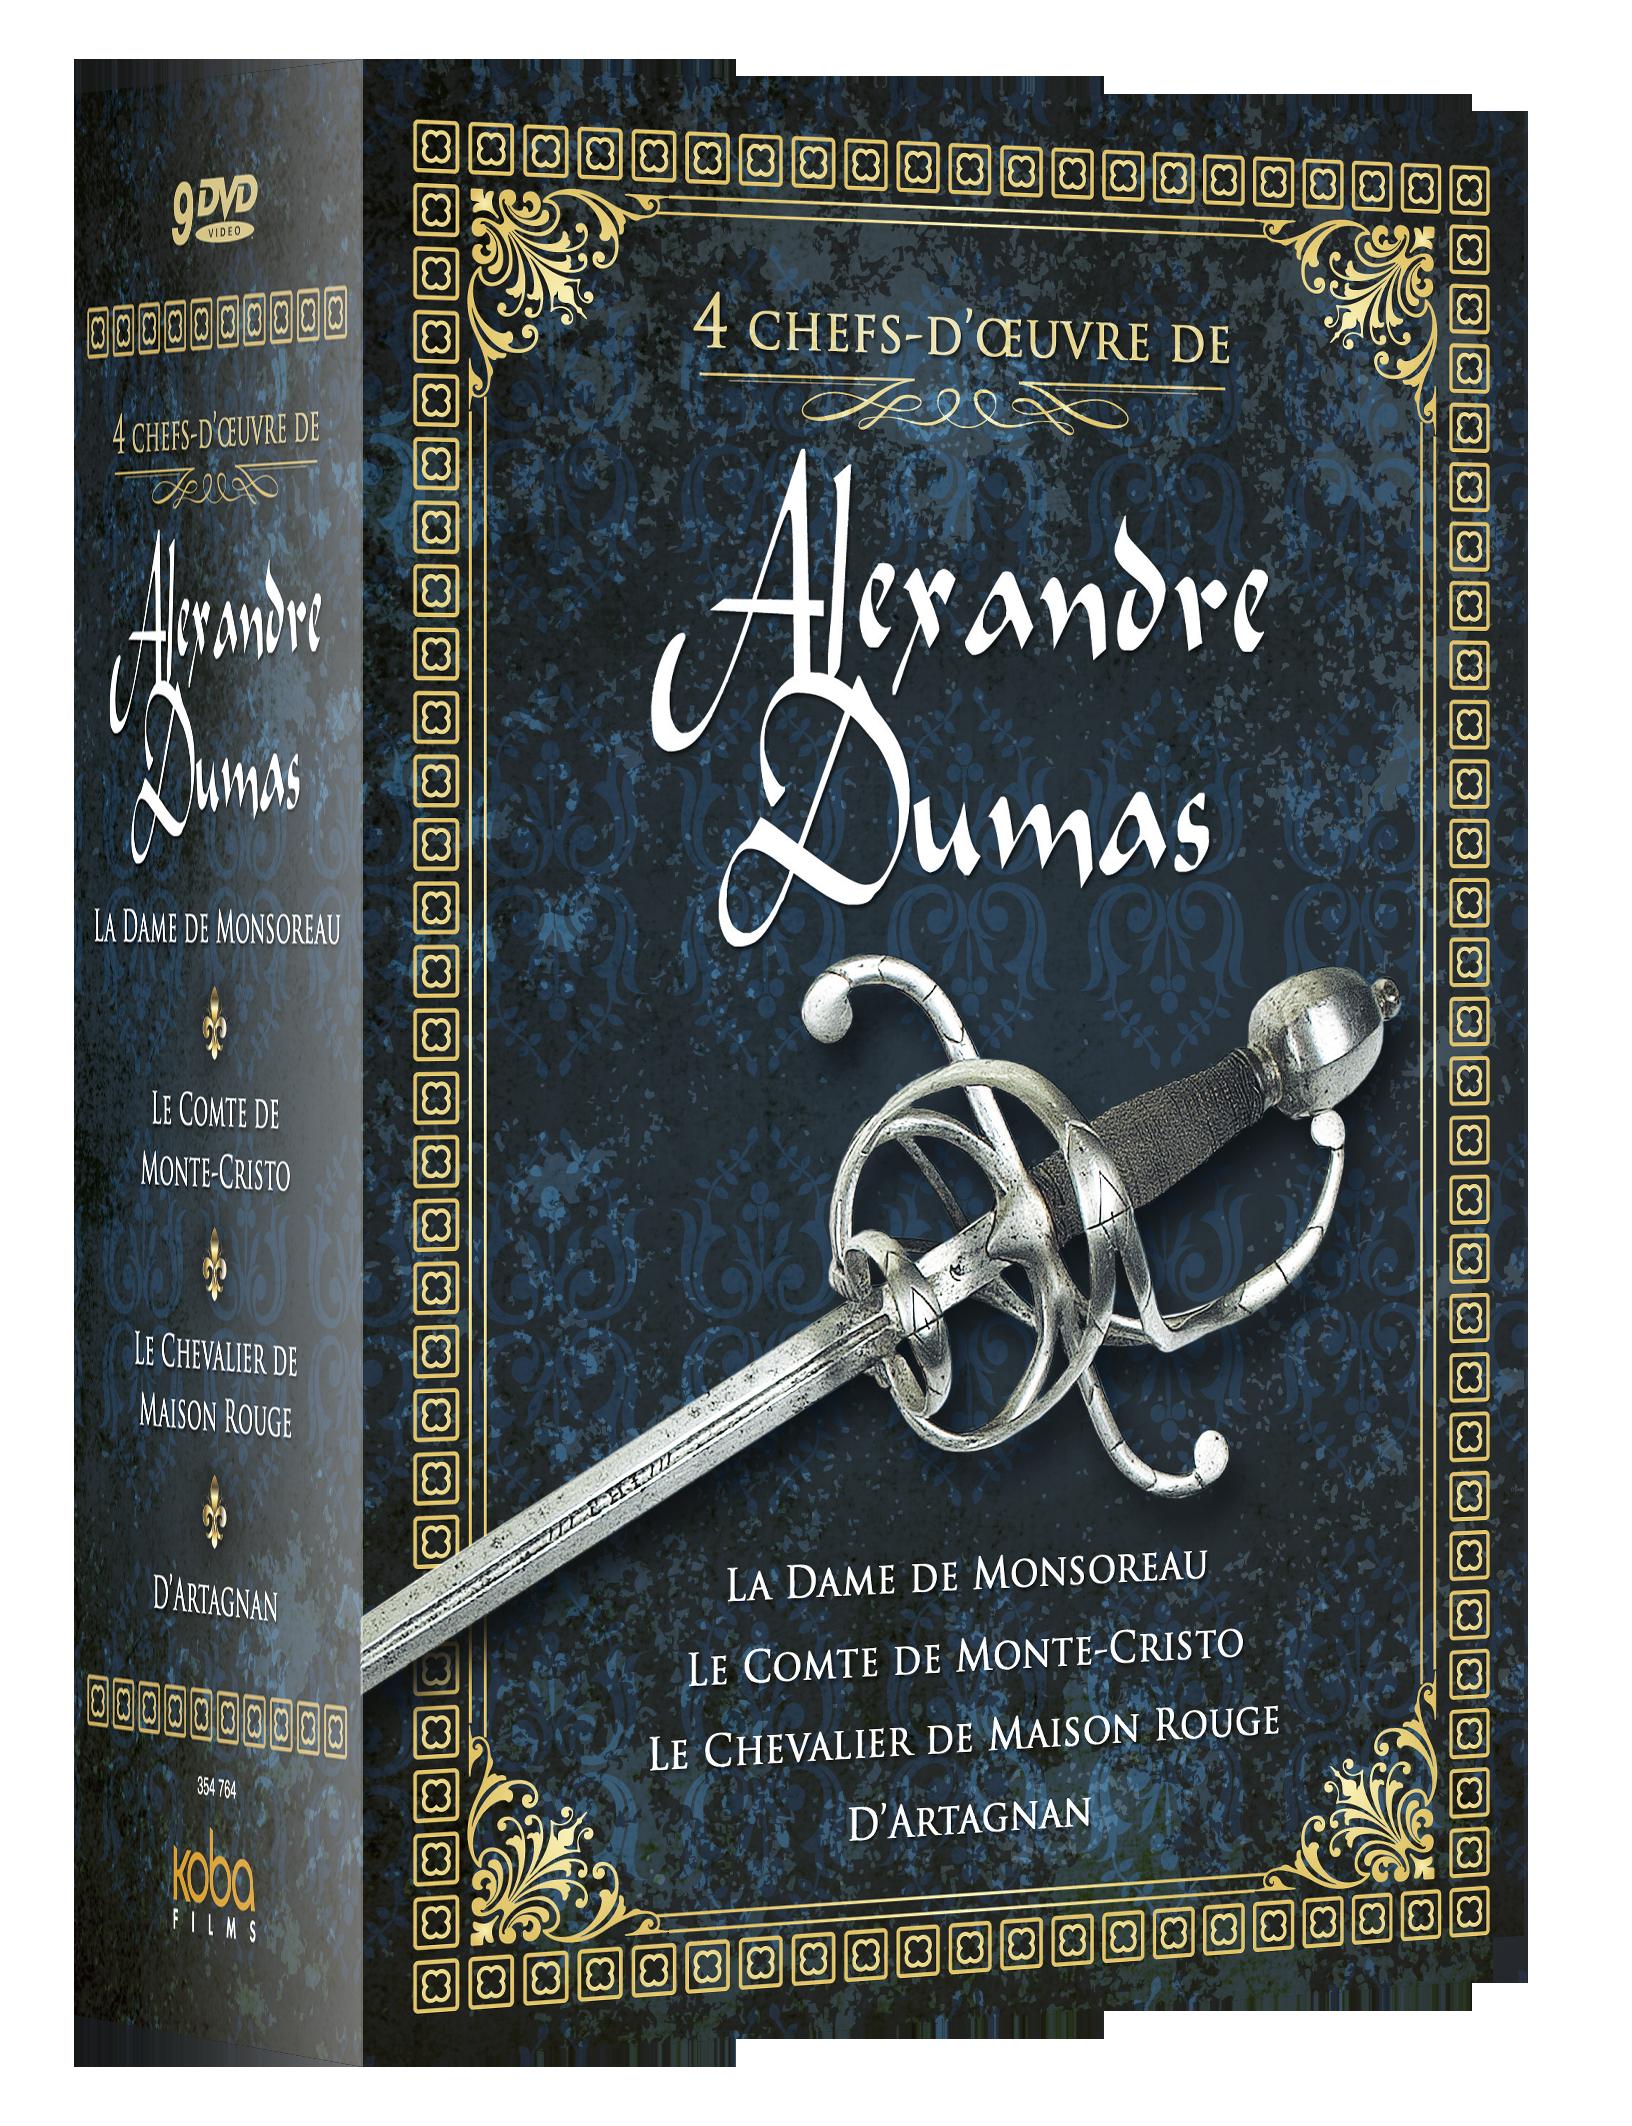 4 CHEFS-D'ŒUVRE D'ALEXANDRE DUMAS (9 DVD)